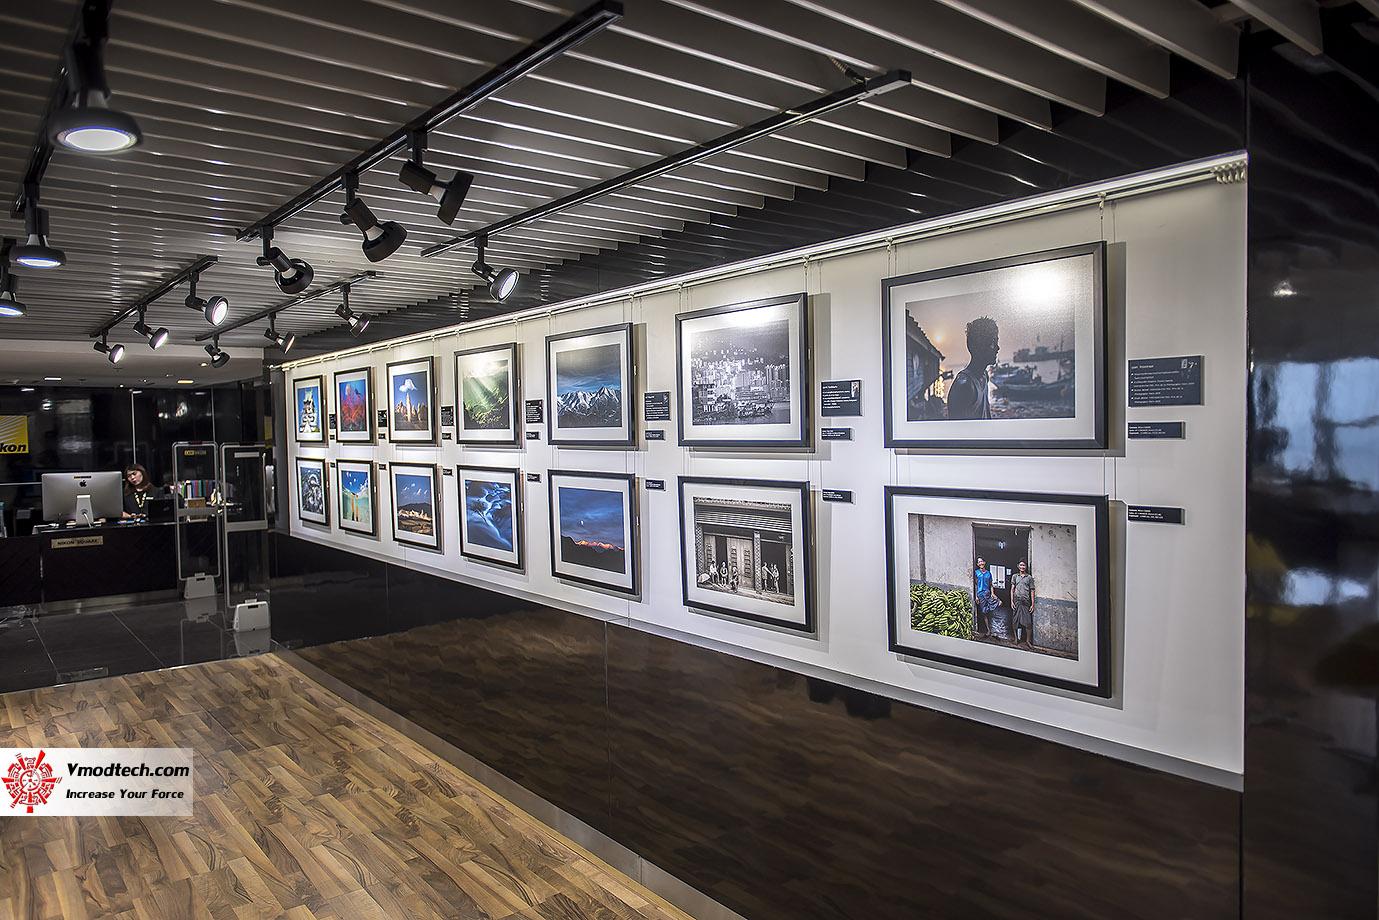 dsc 6617 ภาพบรรยากาศงานเปิดตัว Nikon Square ในประเทศไทย